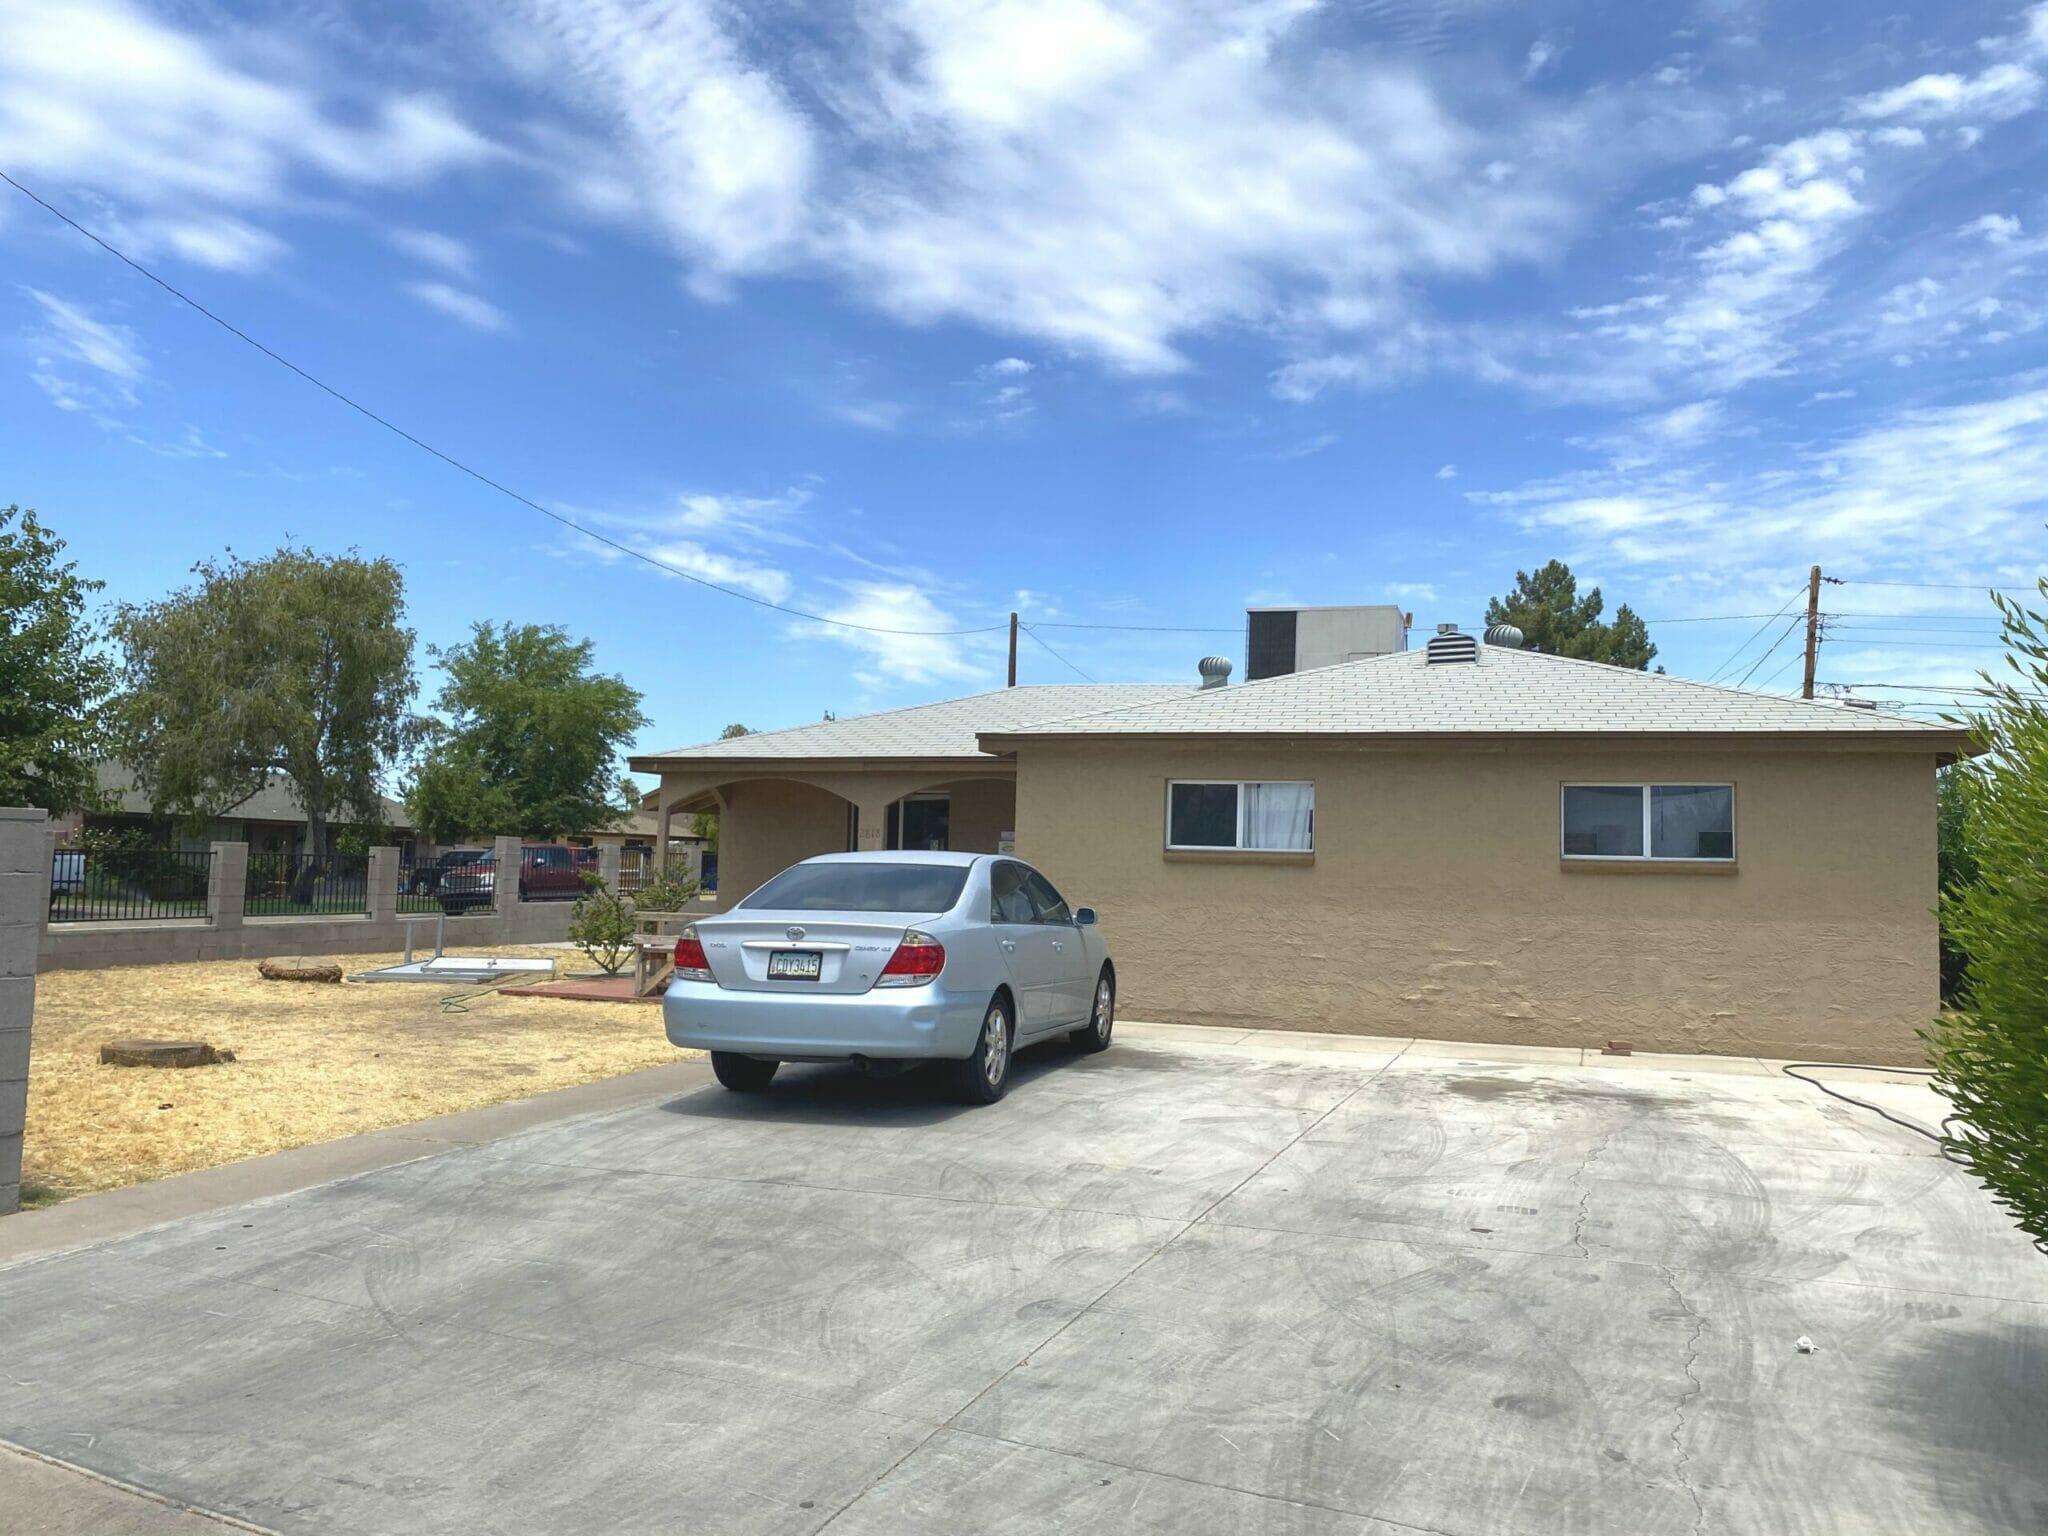 2818 W Minnezona Ave, Phoenix, AZ 85017